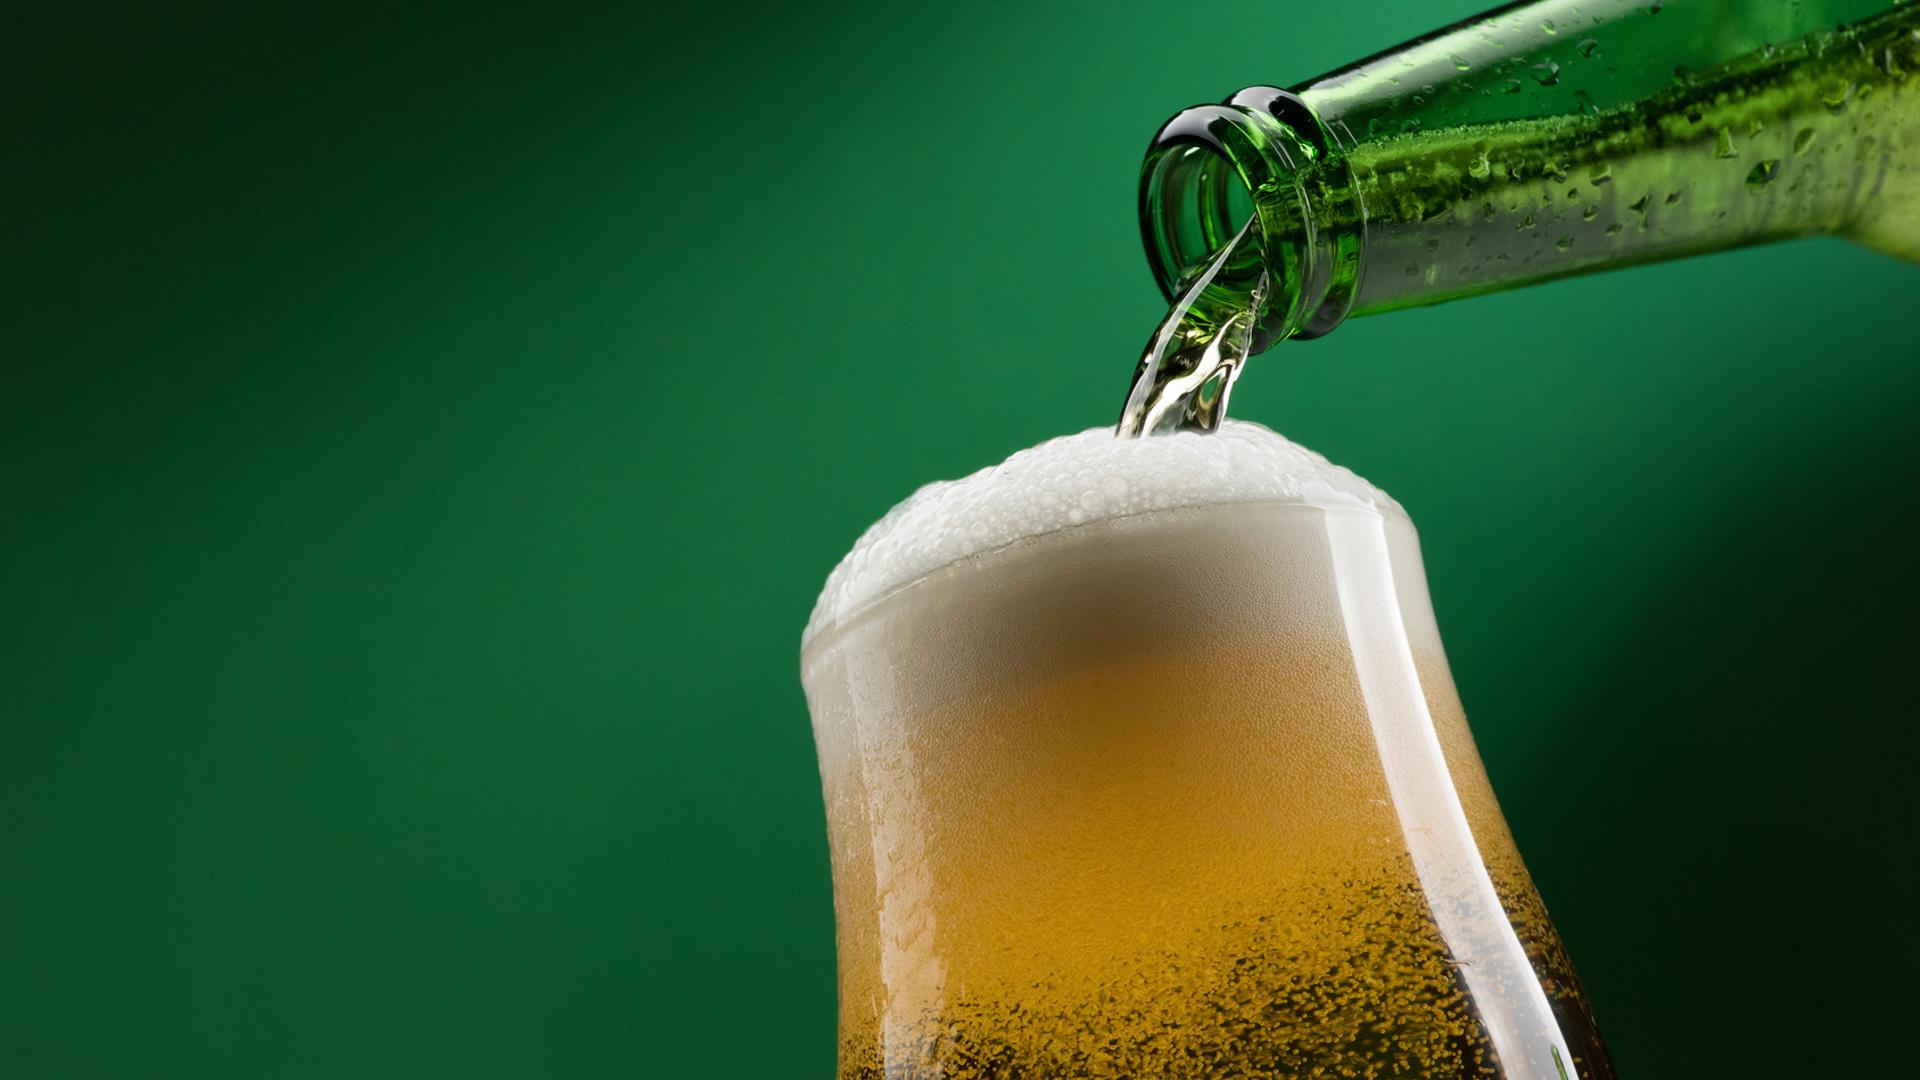 servir-mal-la-cerveza-de-botella-causa-problemas-estomacales-1920